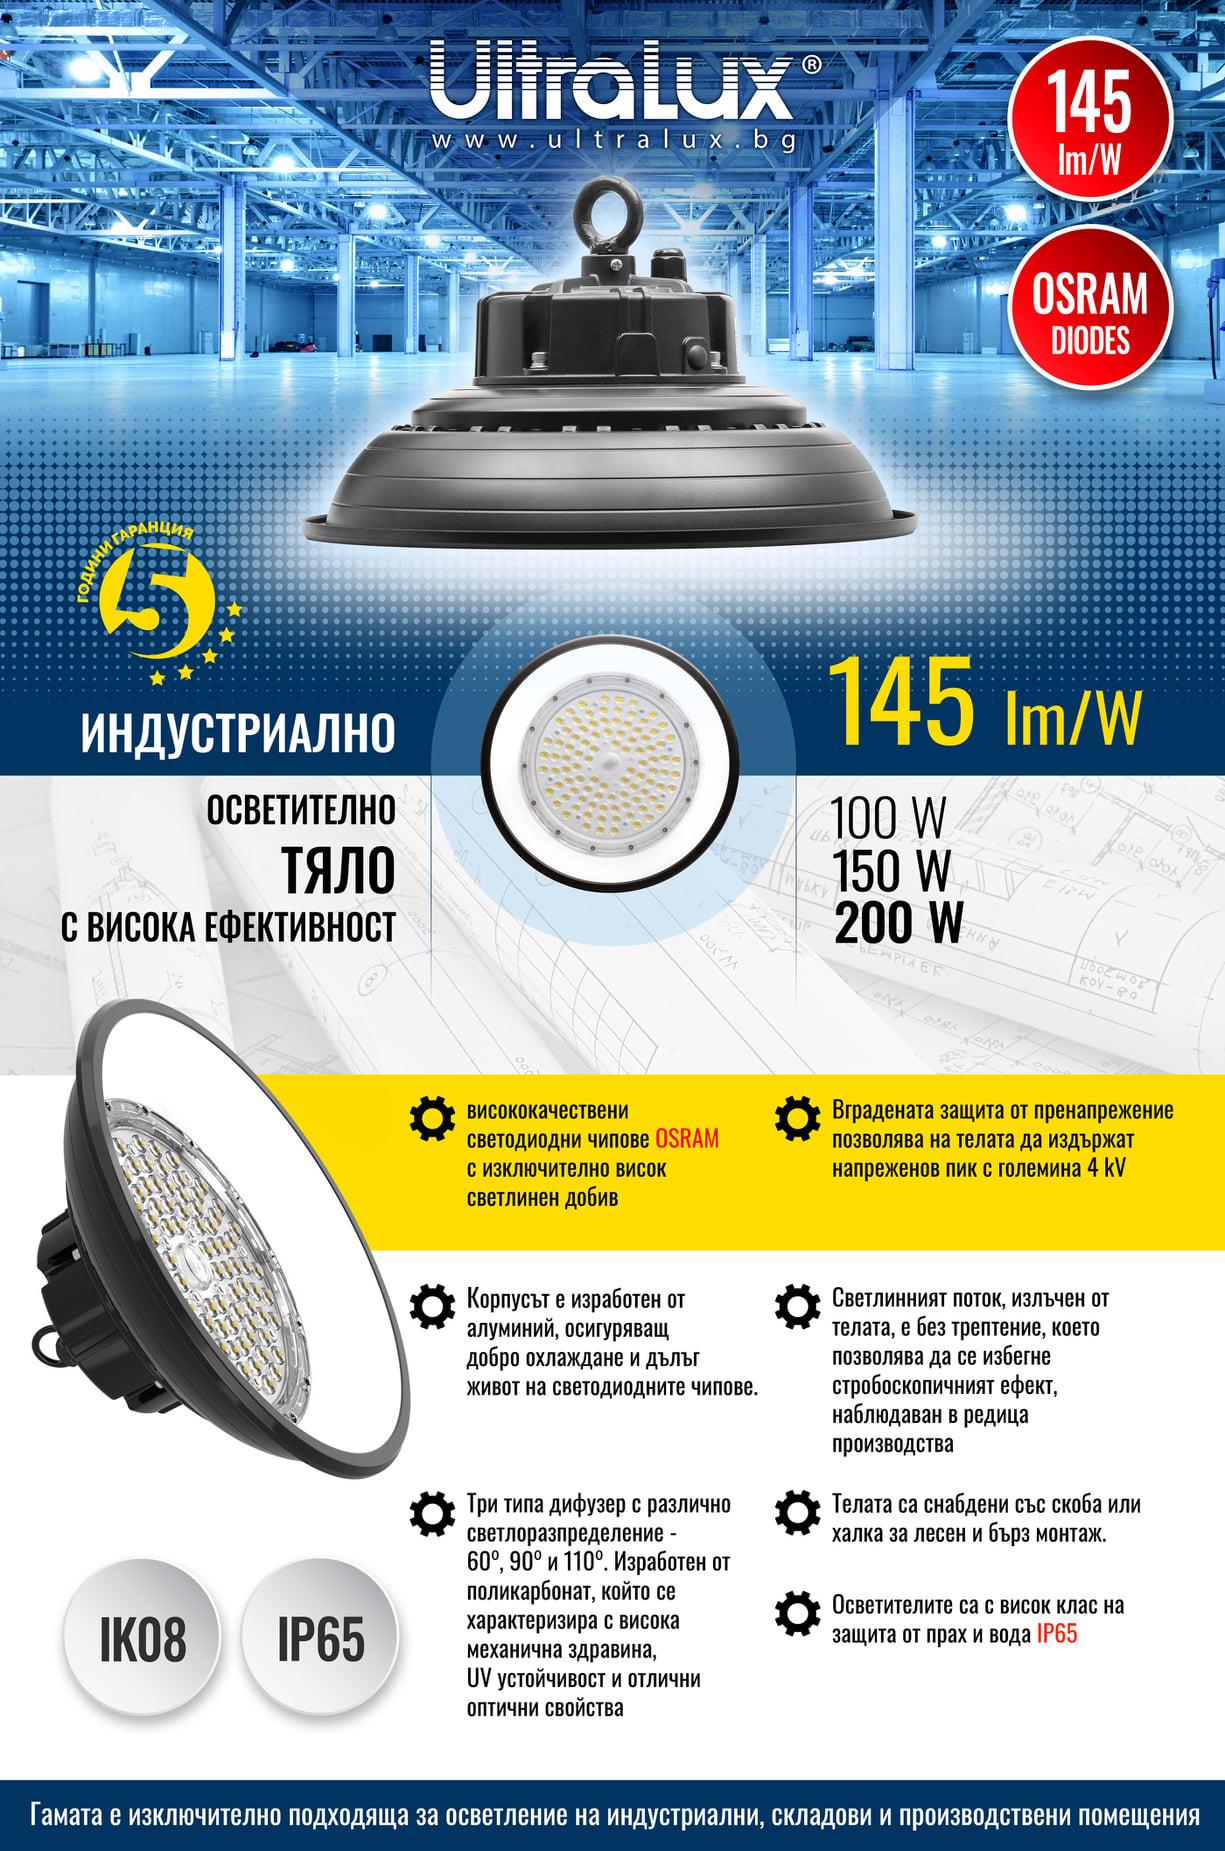 индустрилано LED осветително тяло